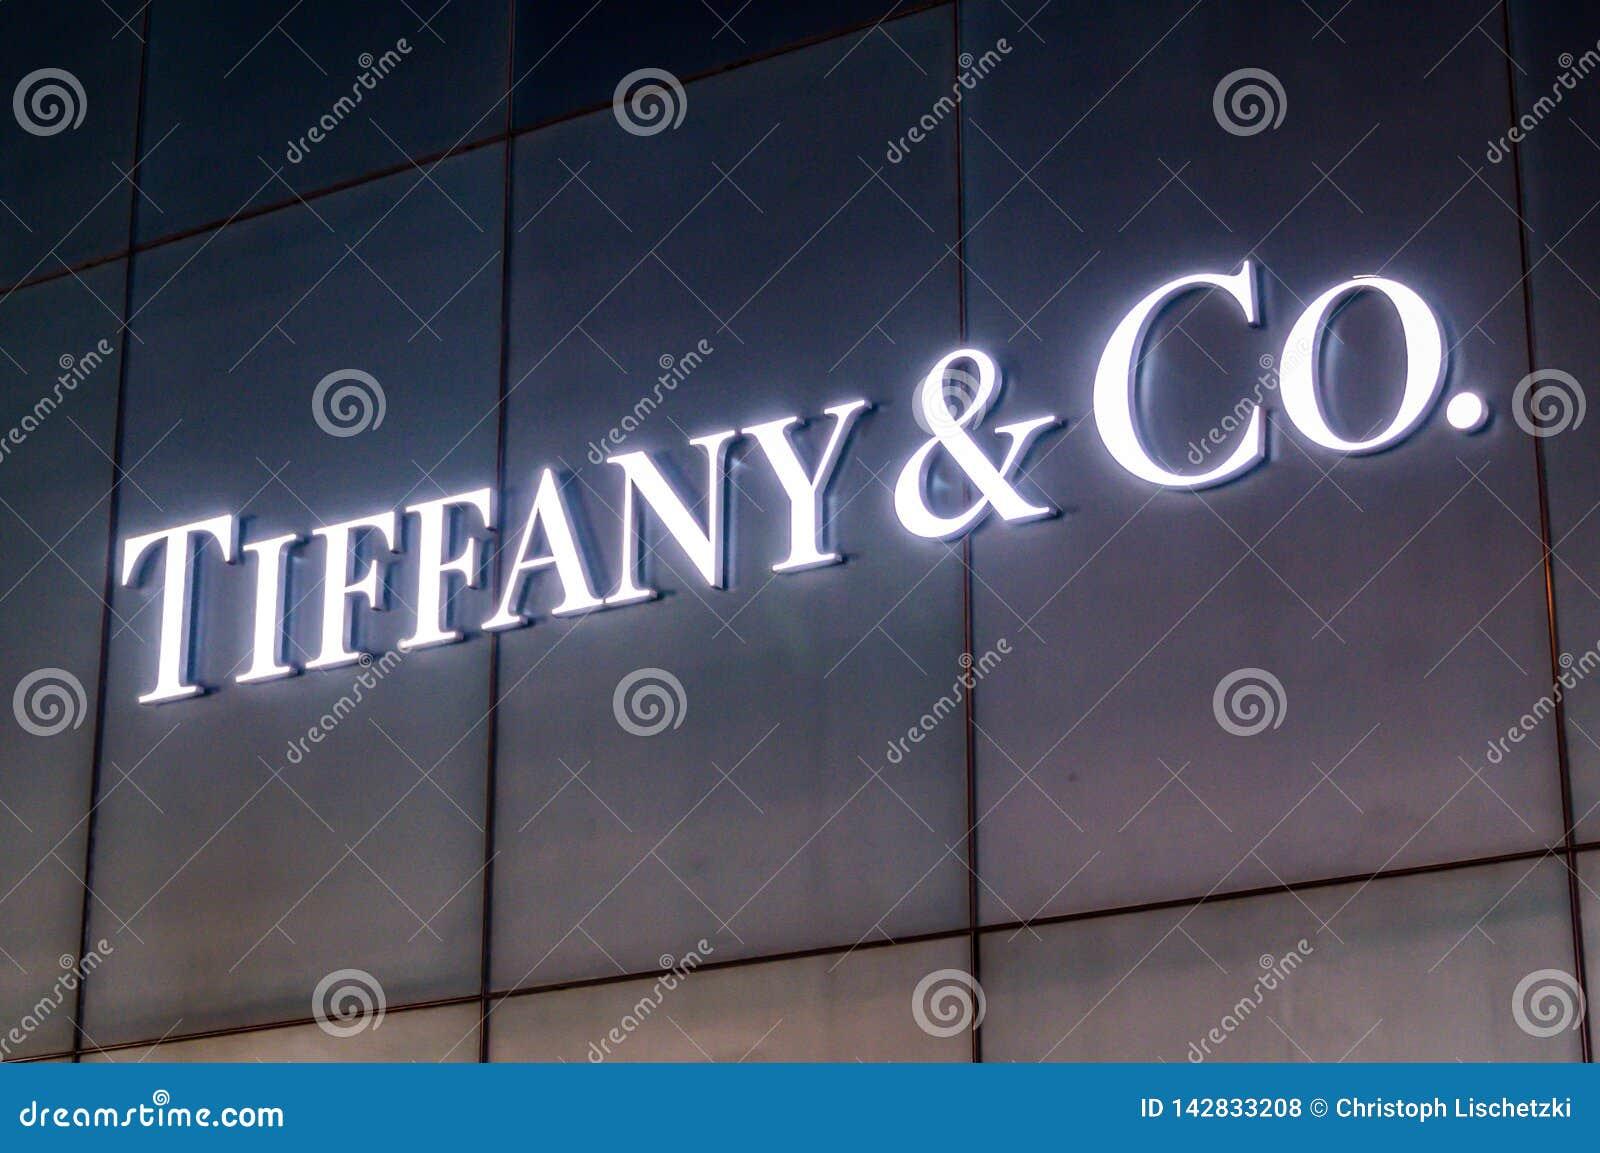 Bejing Κίνα 23 02 2019 λογότυπο κοβαλτίου της Tiffany στο κατάστημα του κοβαλτίου της Tiffany ένας αμερικανικός λιανοπωλητής κοσμ